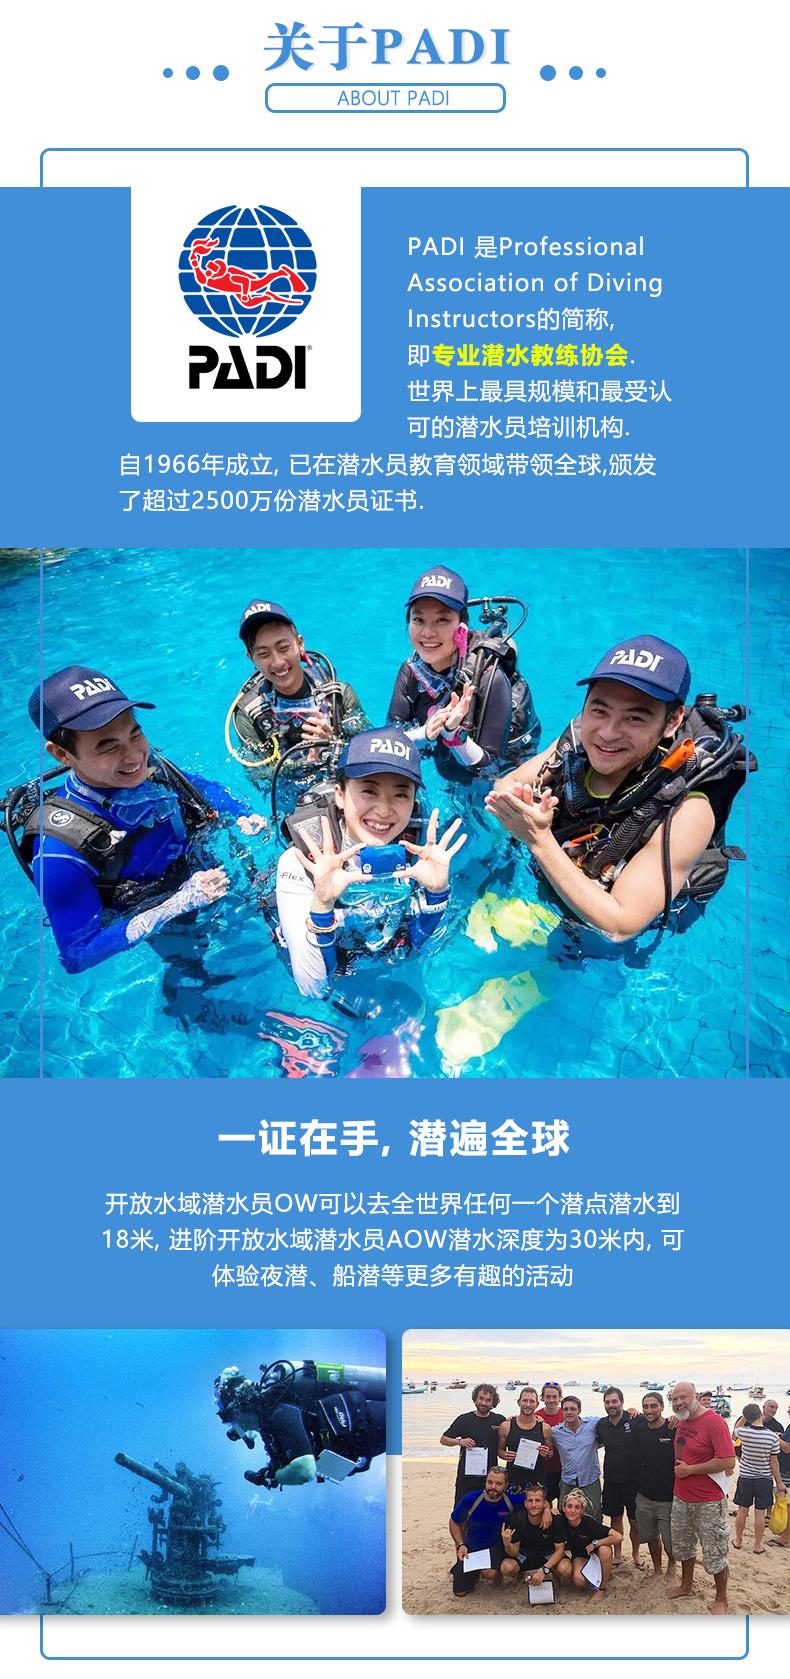 马来西亚仙本那 追浪潜水 OW/AOW考证教学课程 军舰岛免费DSD体验潜水  自由潜 Free Diving  中文教学